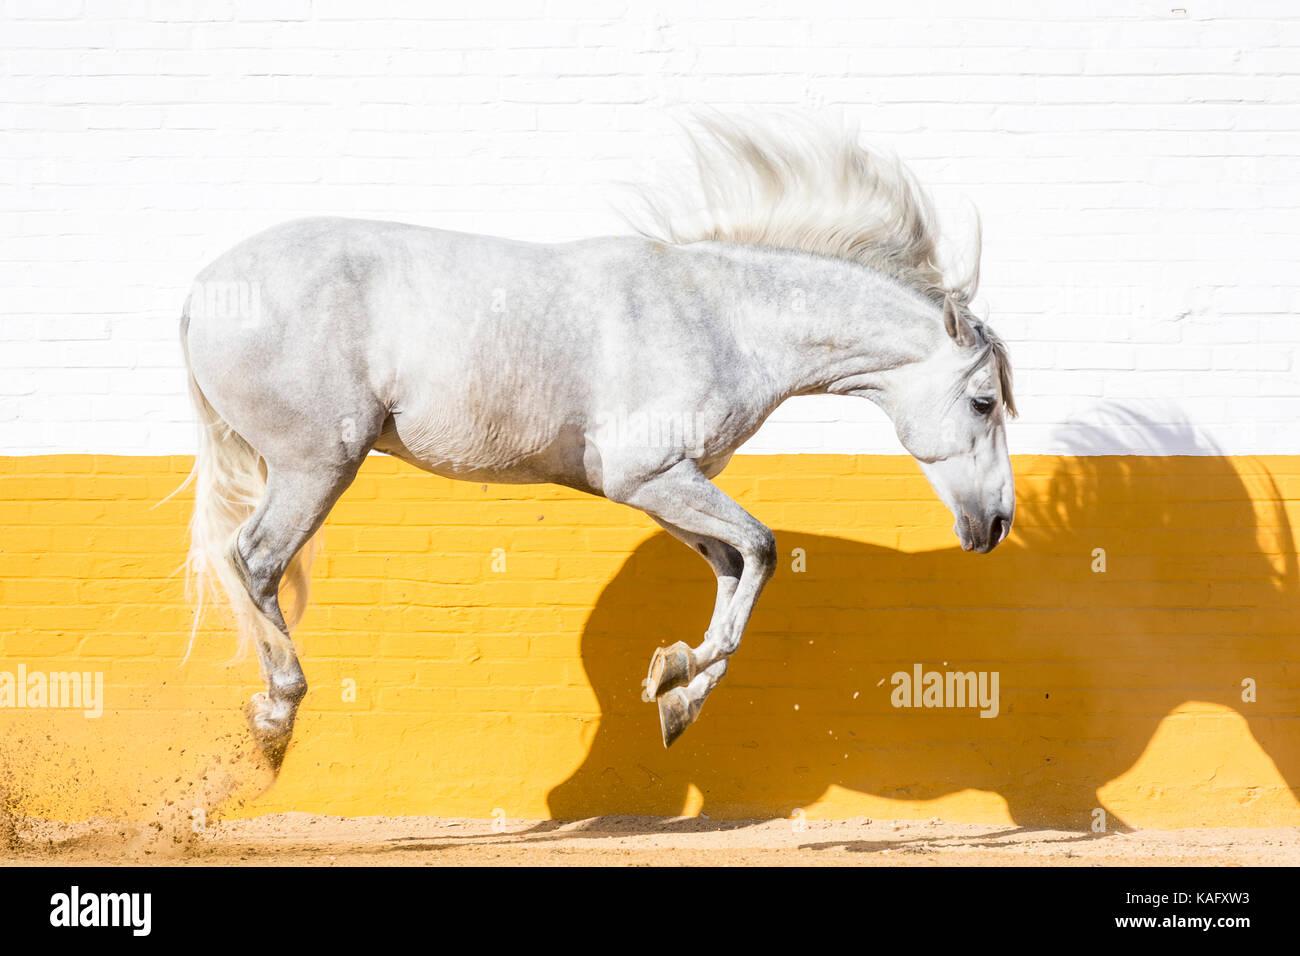 Cheval Espagnol pur, andalou. L'étalon gris sautant dans un enclos. Espagne Photo Stock